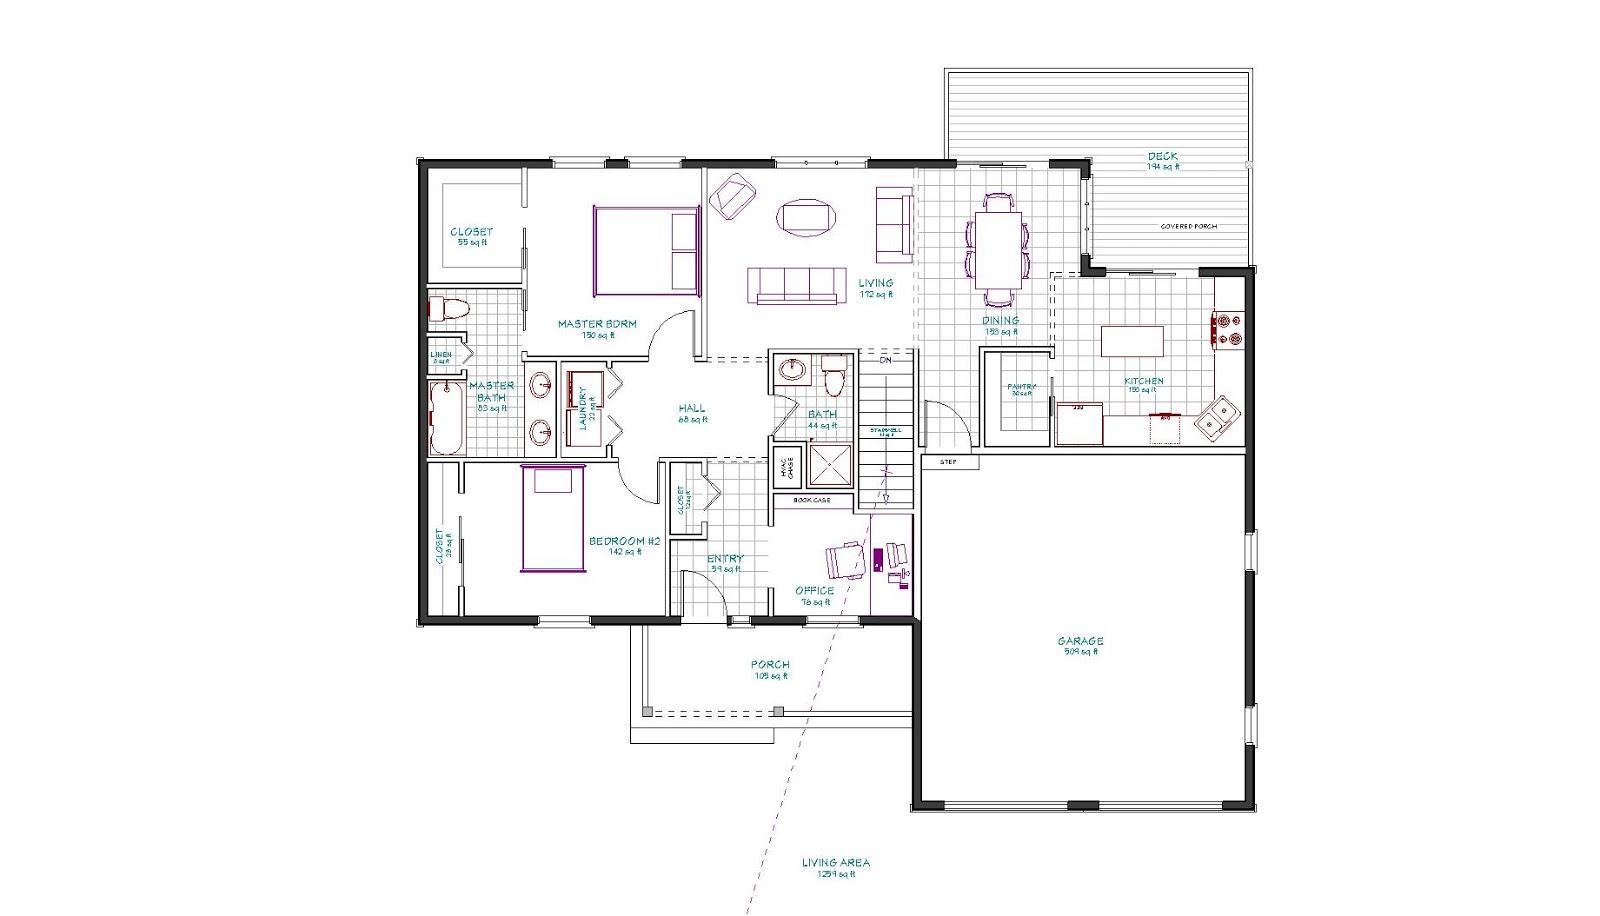 Descargar planos de casas y viviendas gratis fotos de for Planos de madera